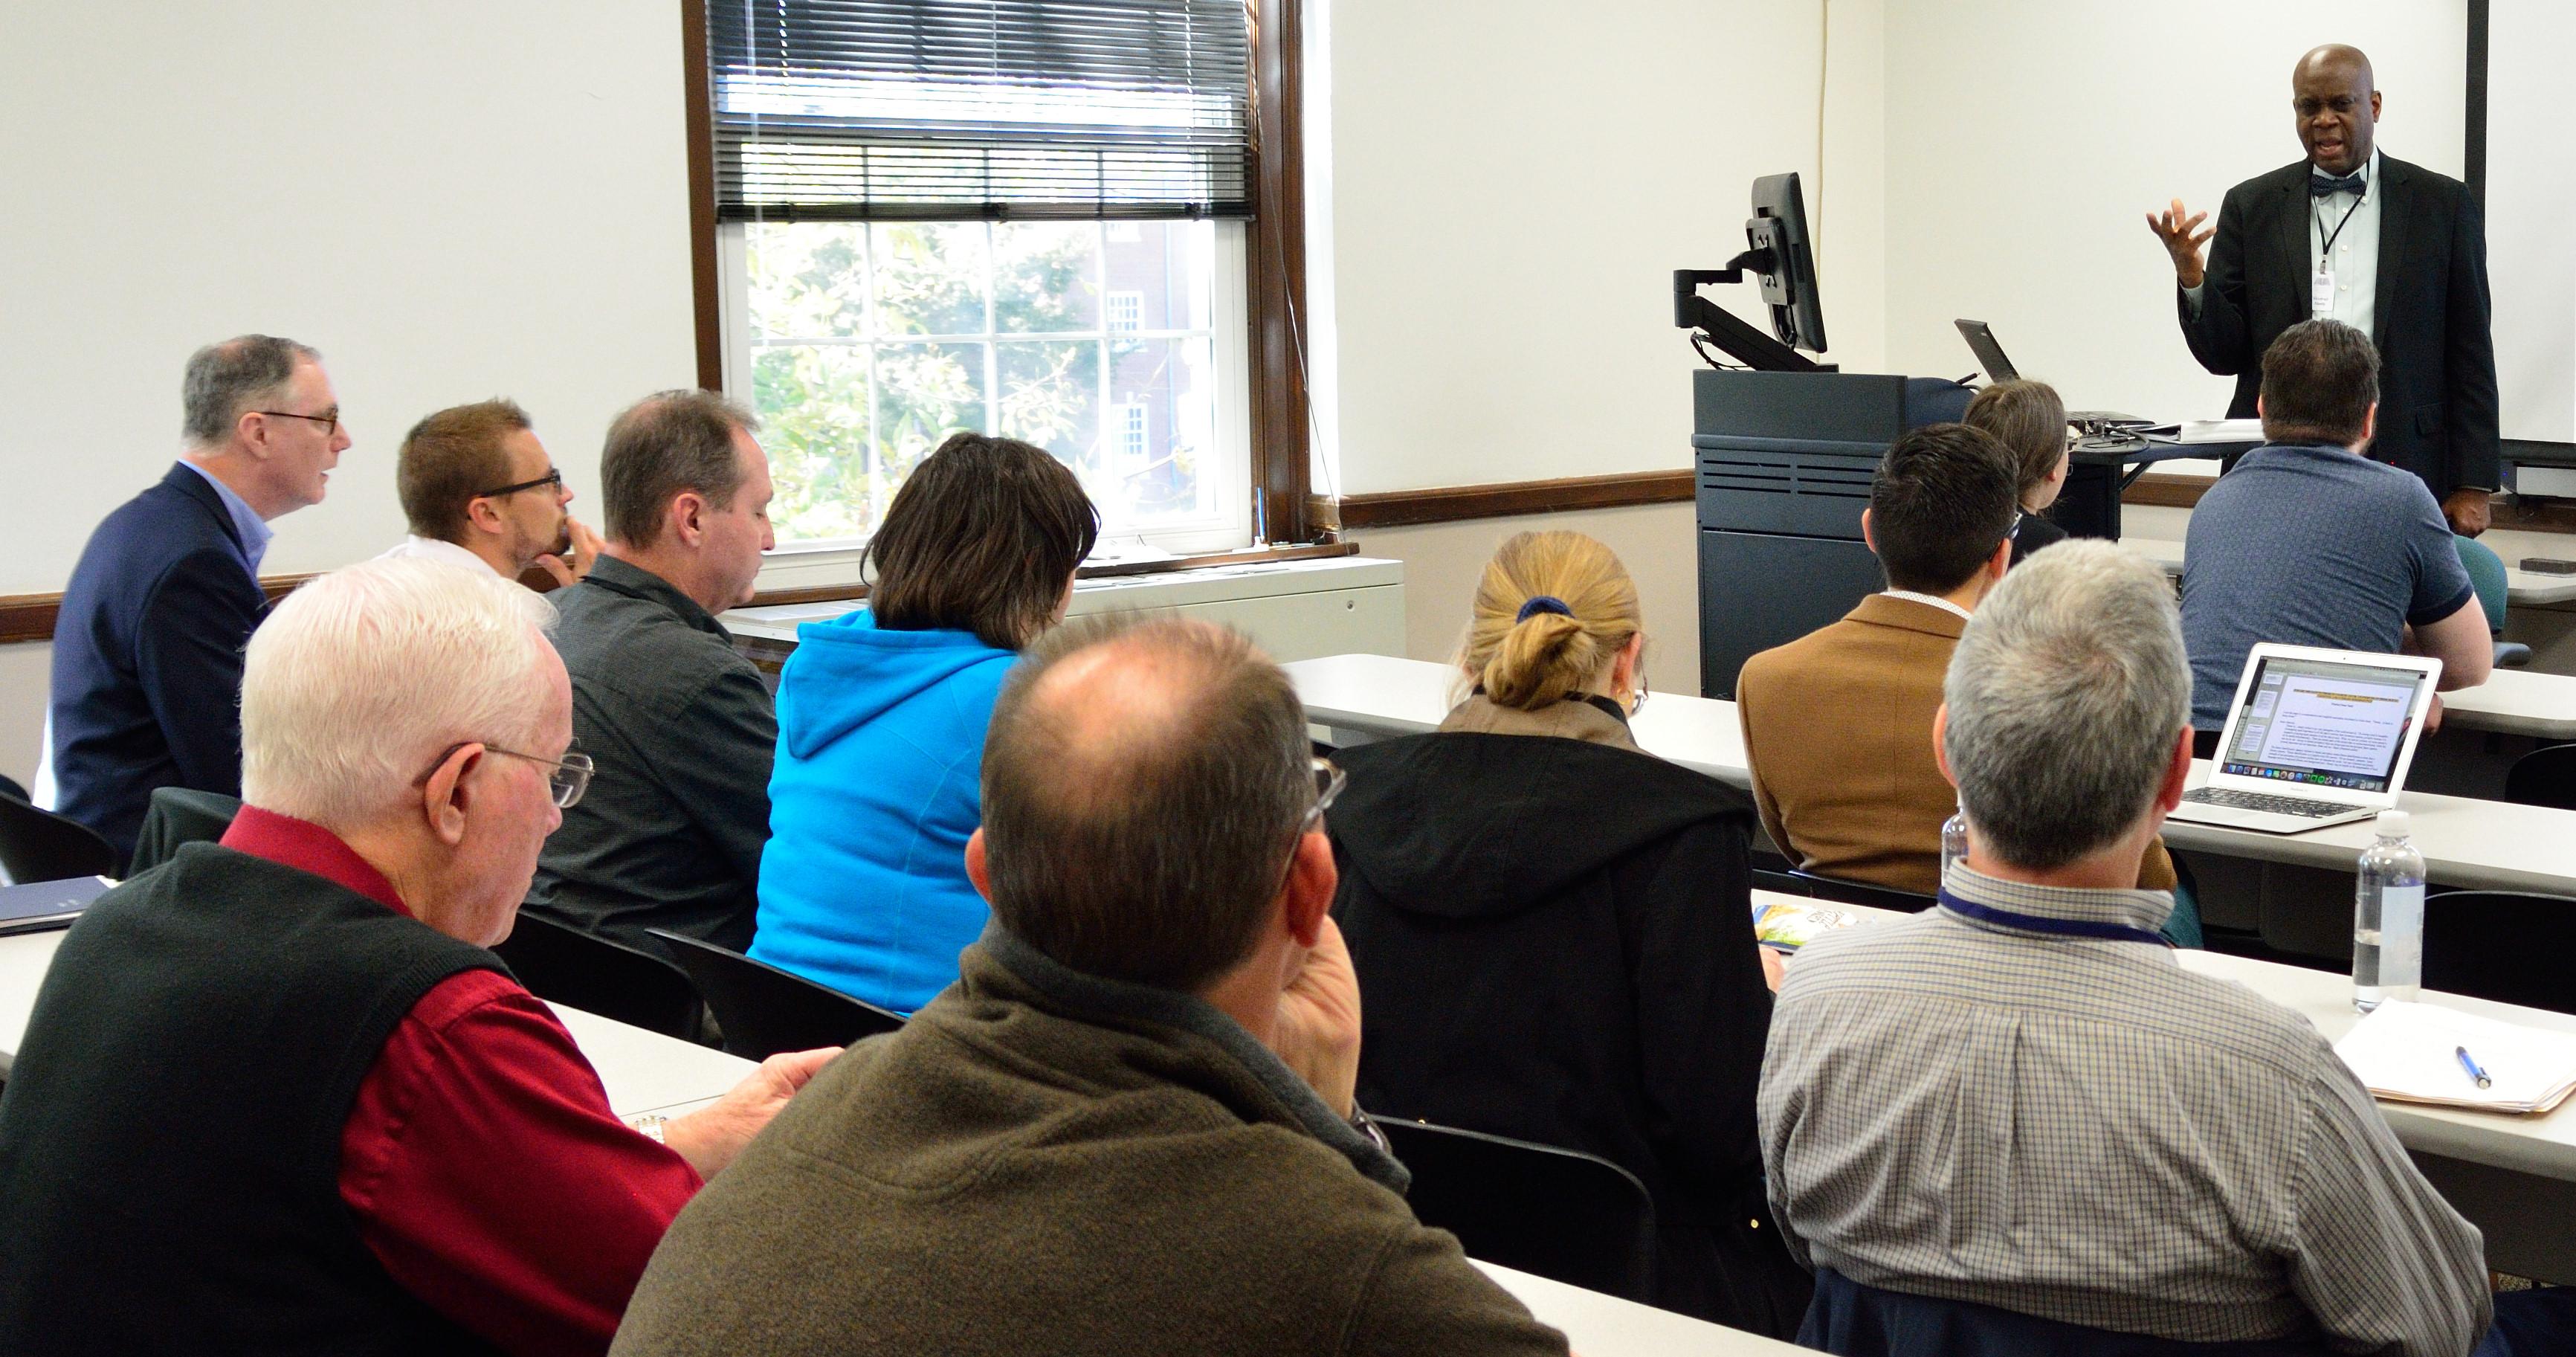 Paper Presentations